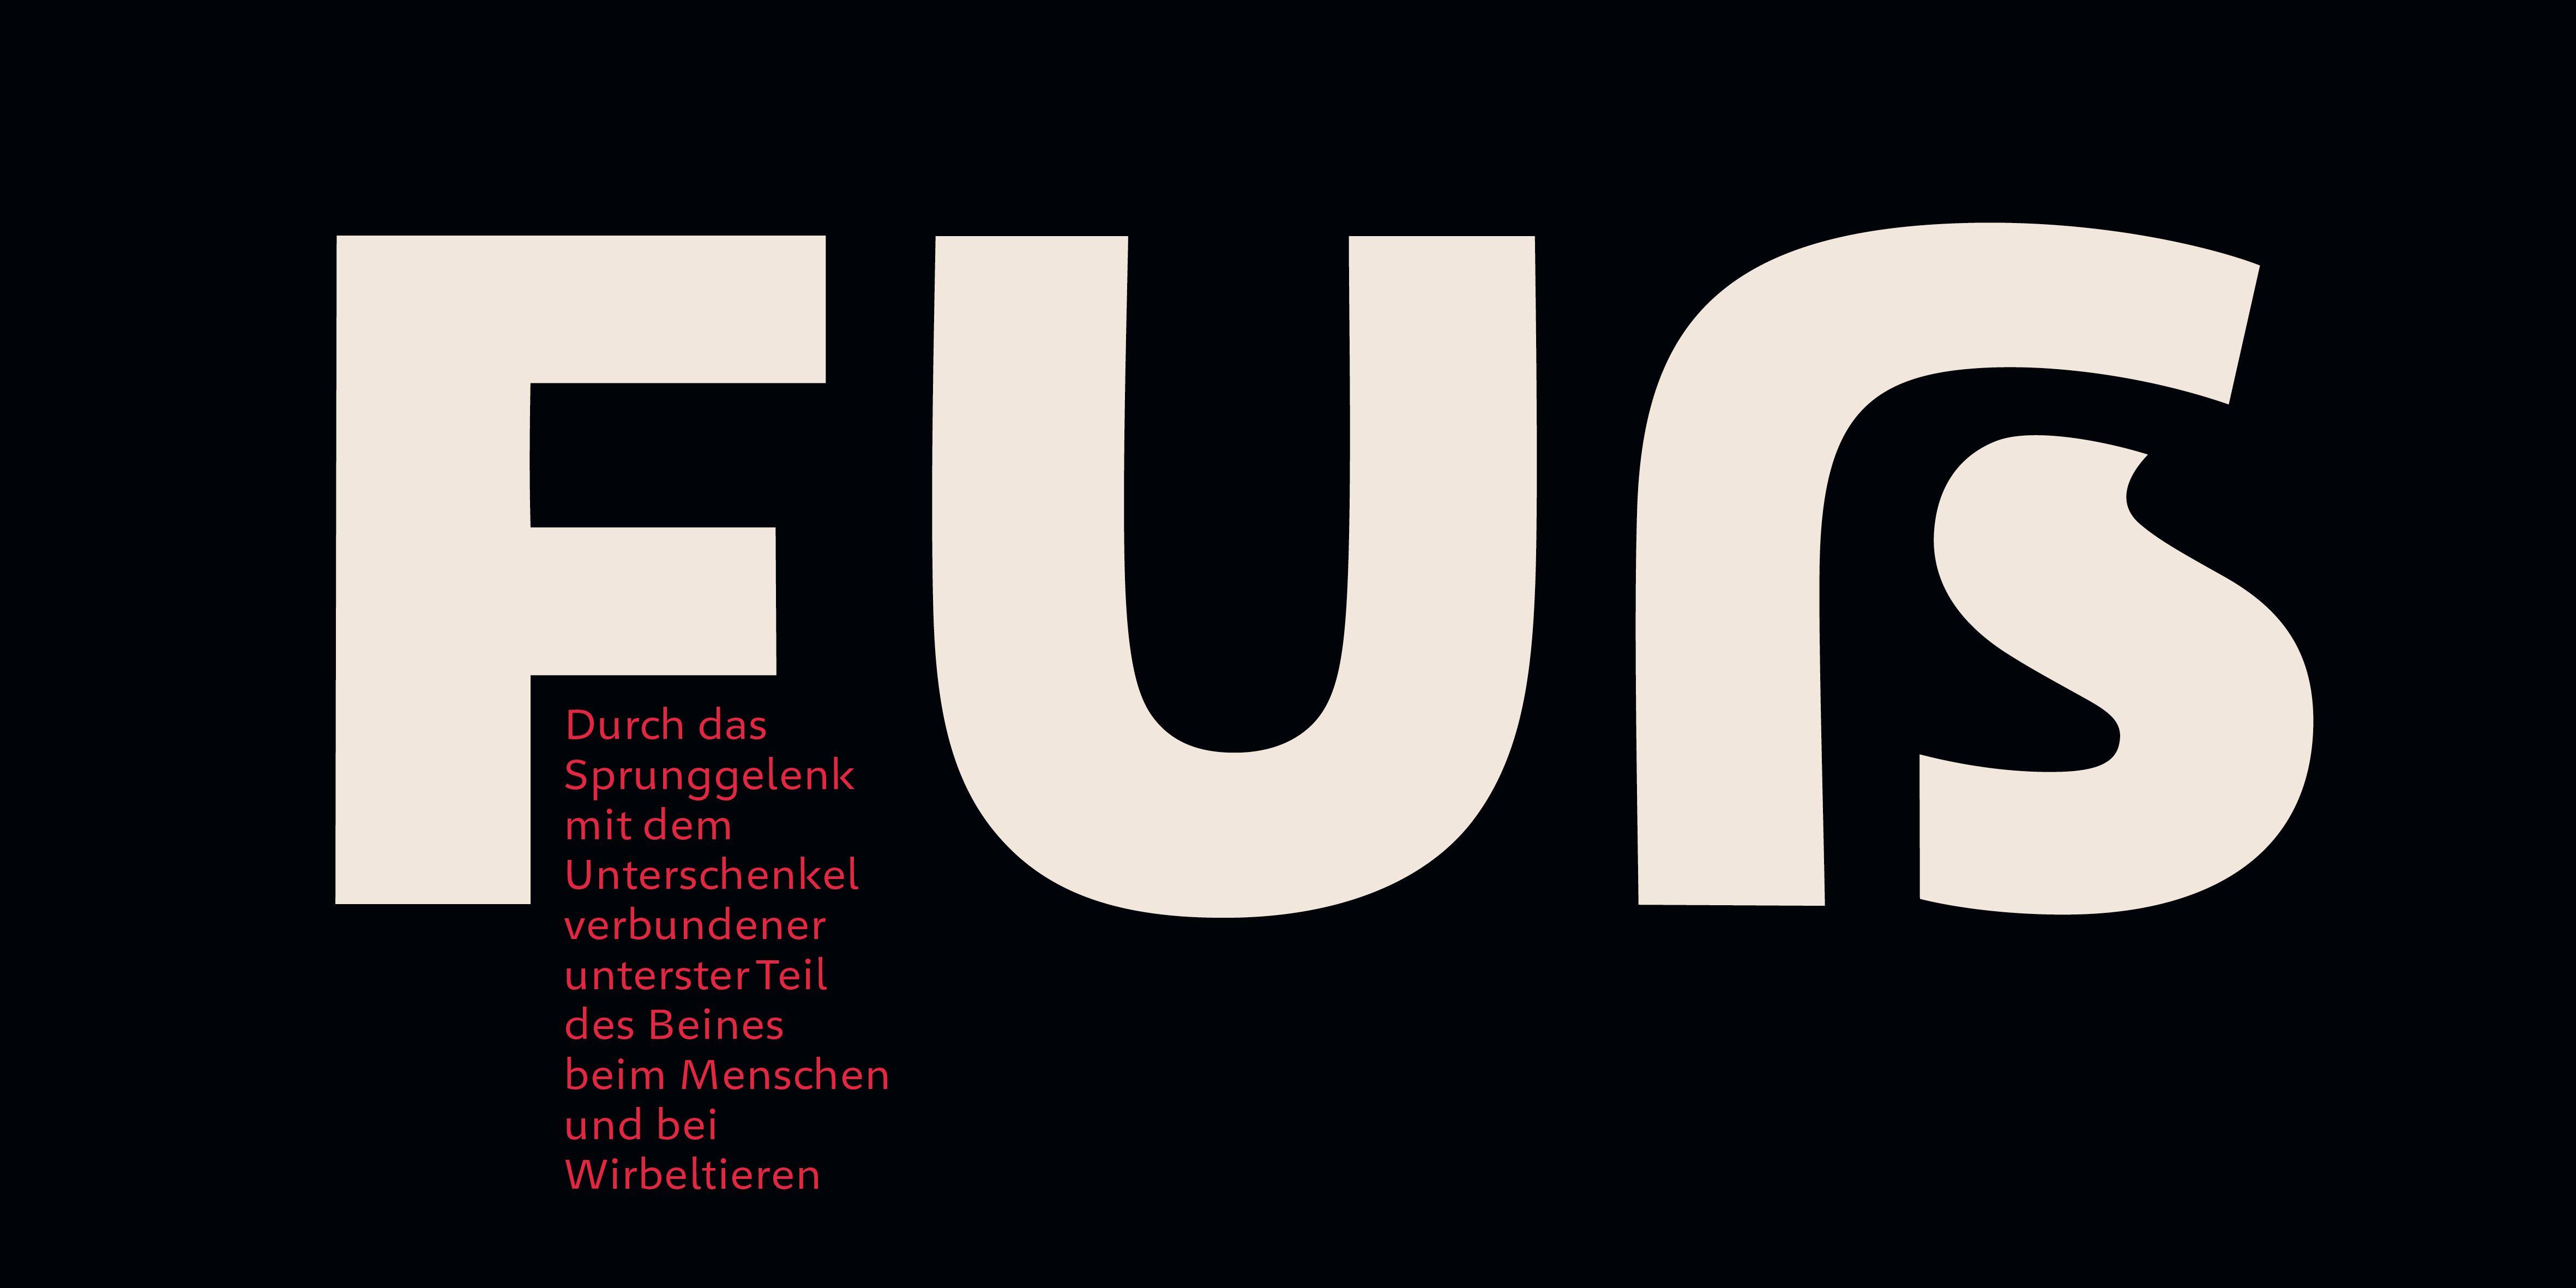 Poster: Typografische Umsetzung zeigt das Versal-Scharf-S